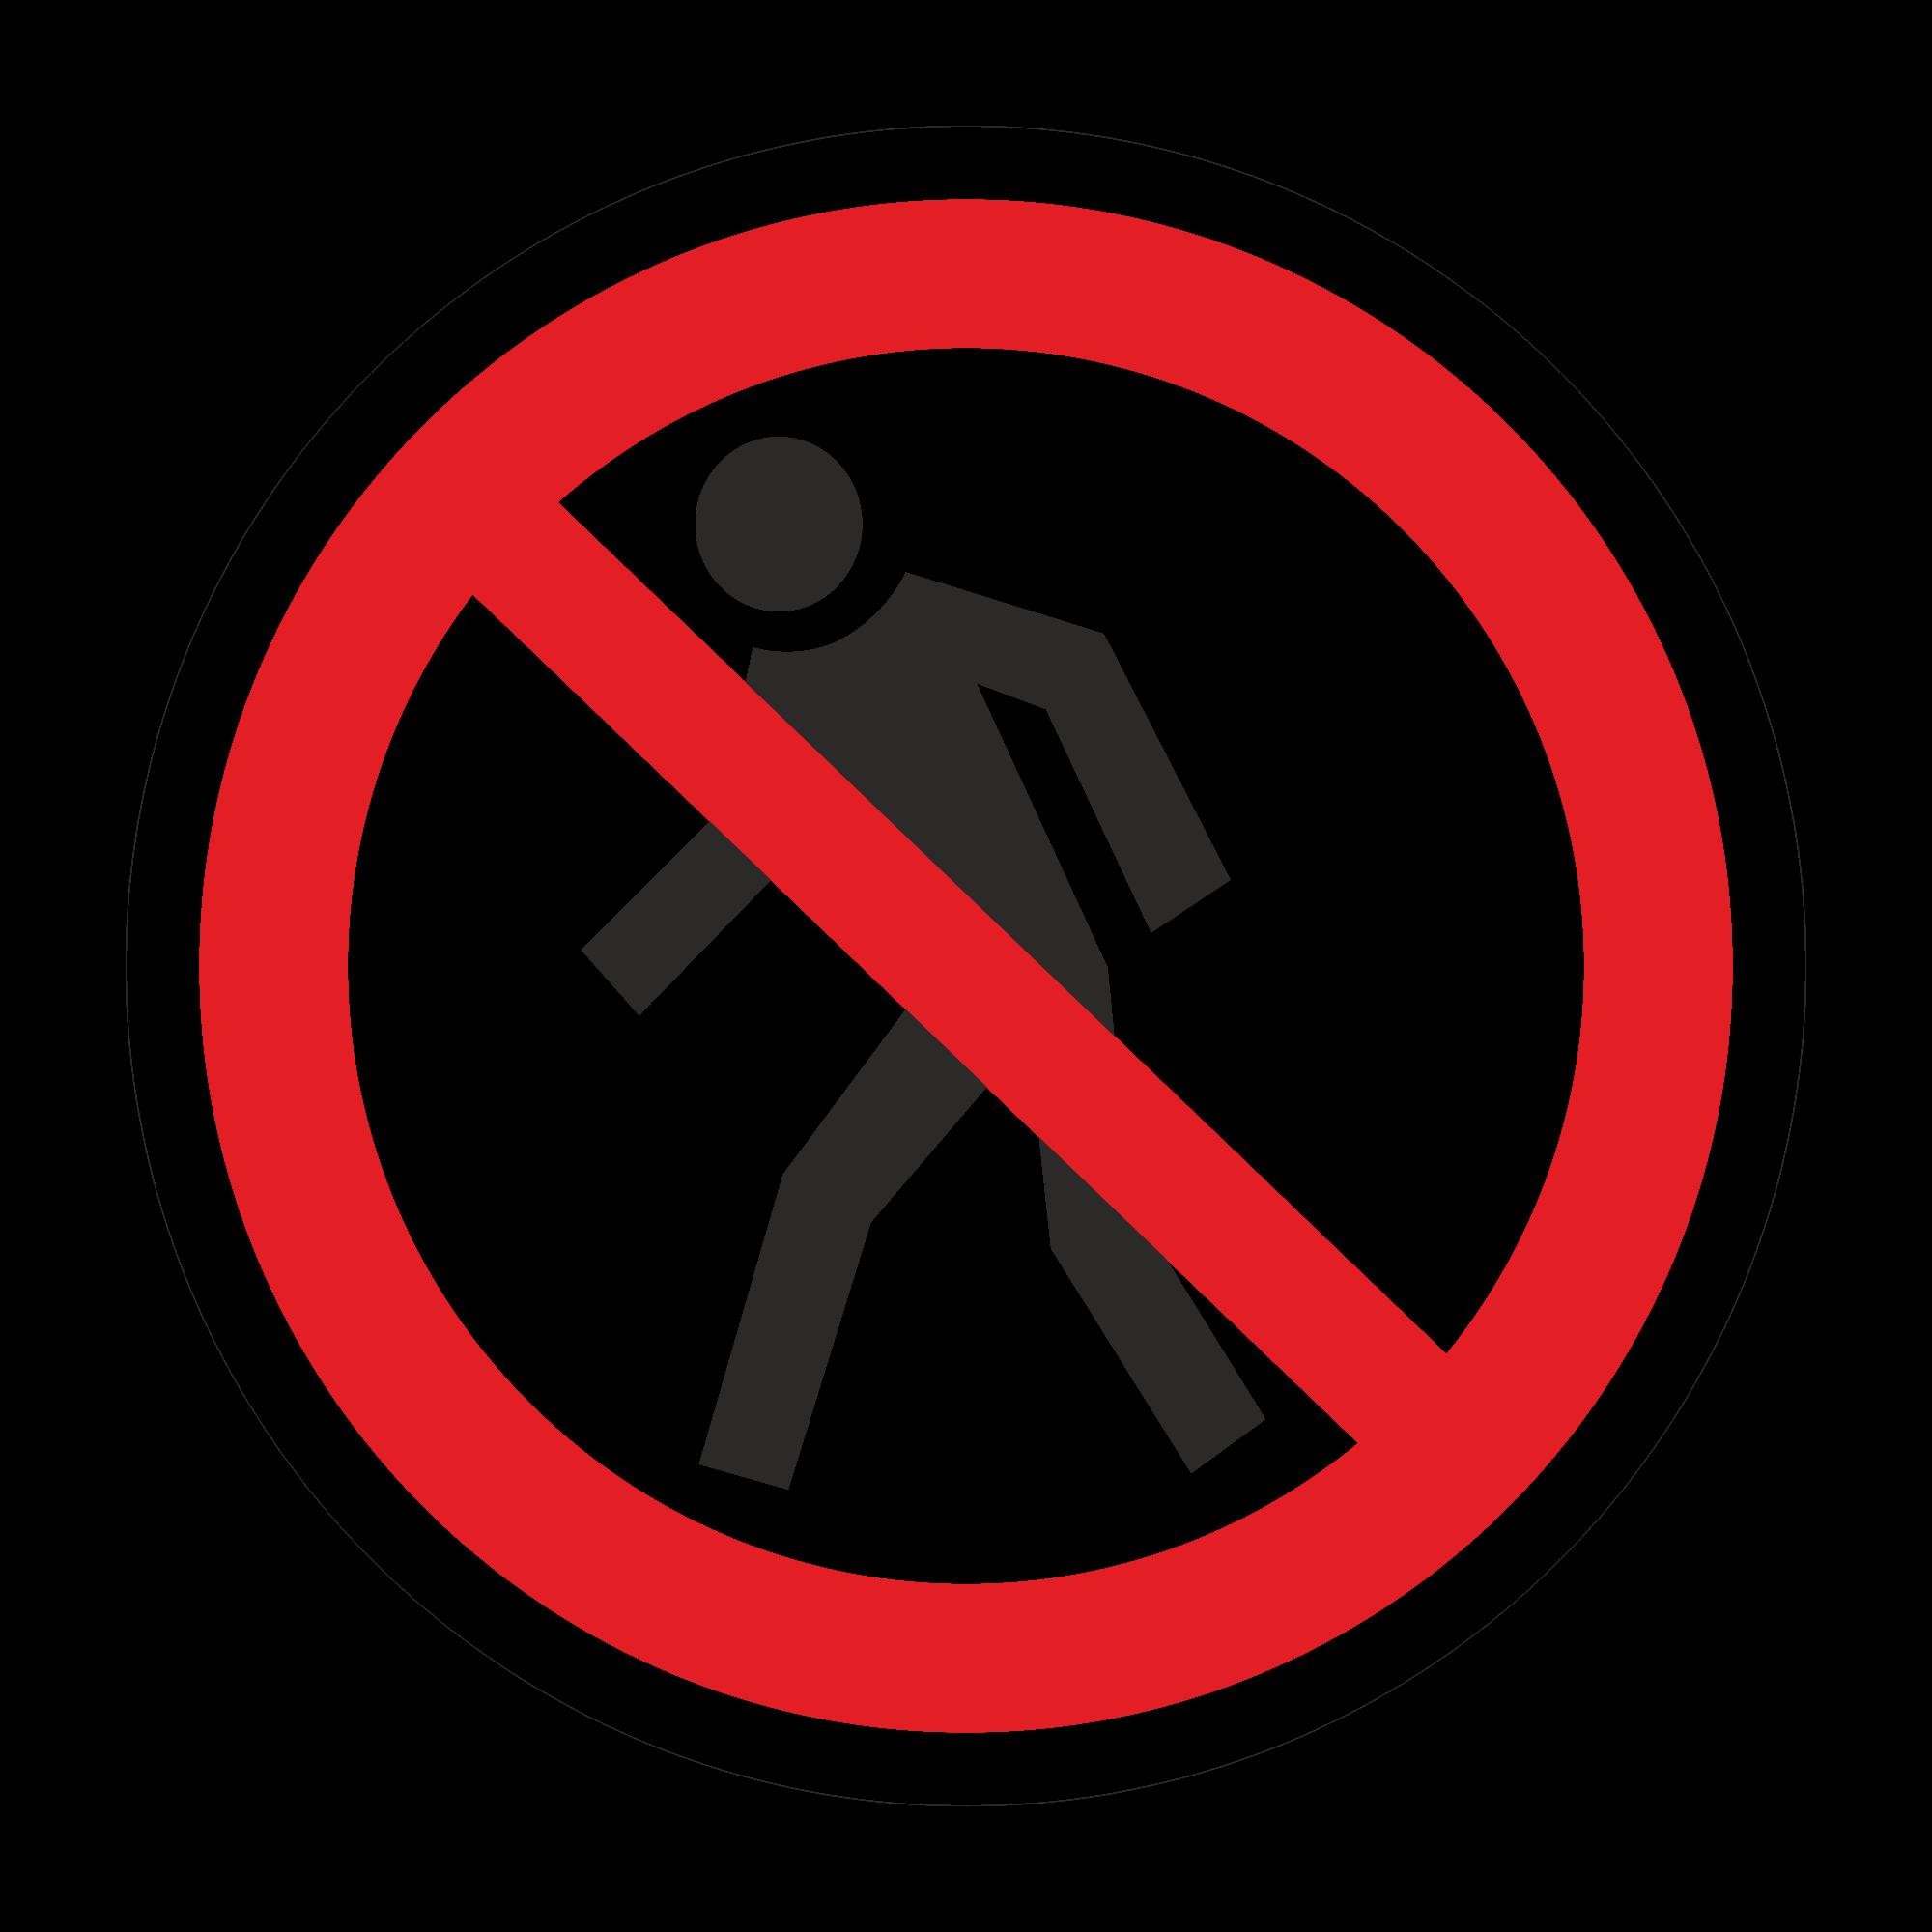 Р03 Проход запрещен